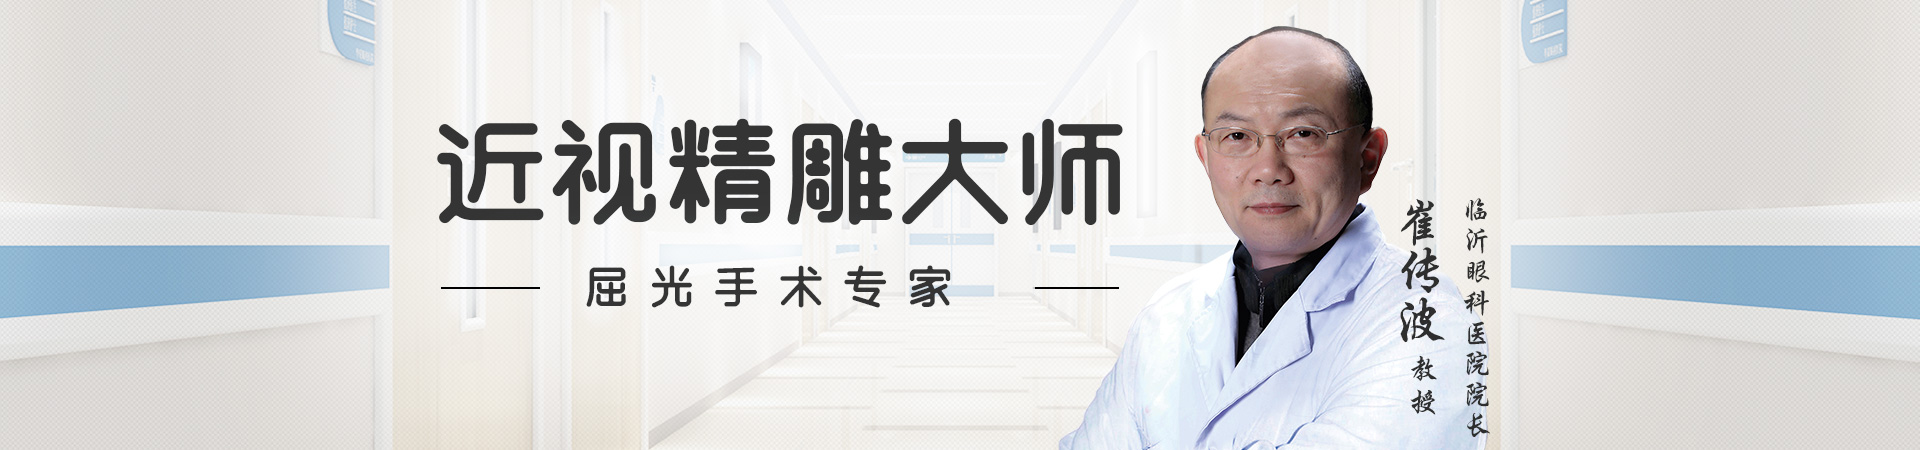 崔传波banner